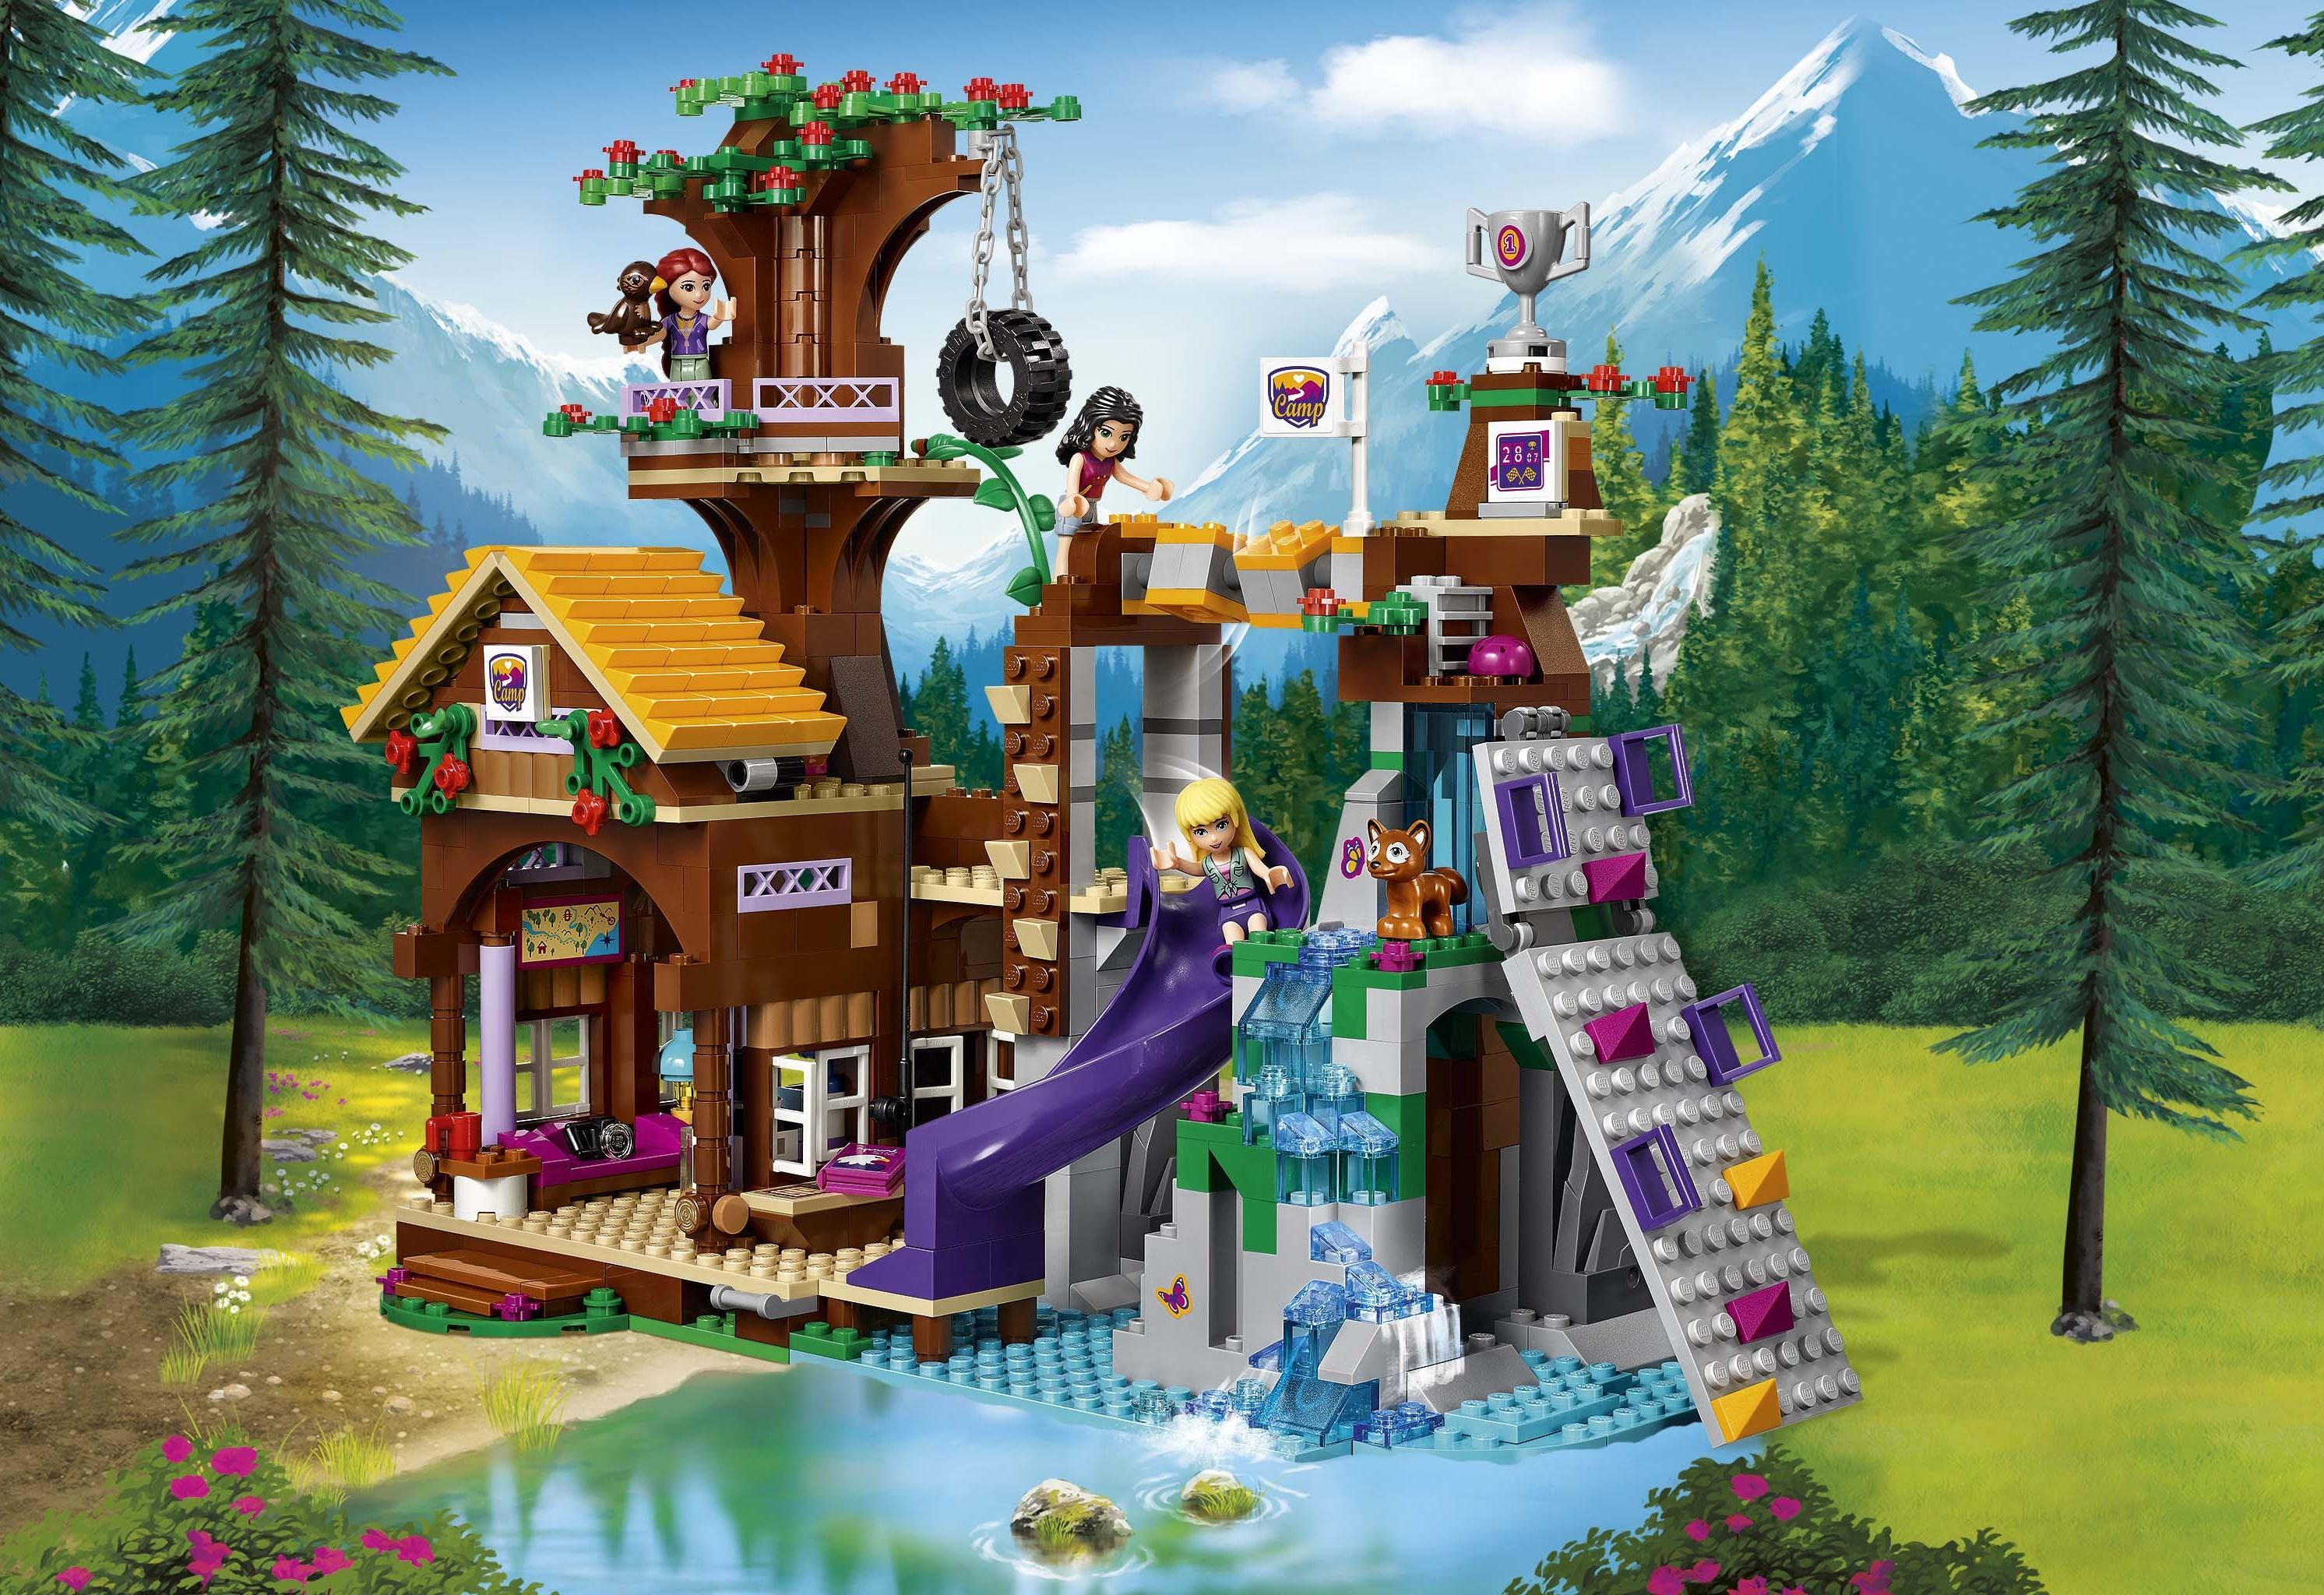 Lego 41122 friends la casa sull 39 albero al campo avventure giochi e giocattoli - Lego friends casa de livi ...